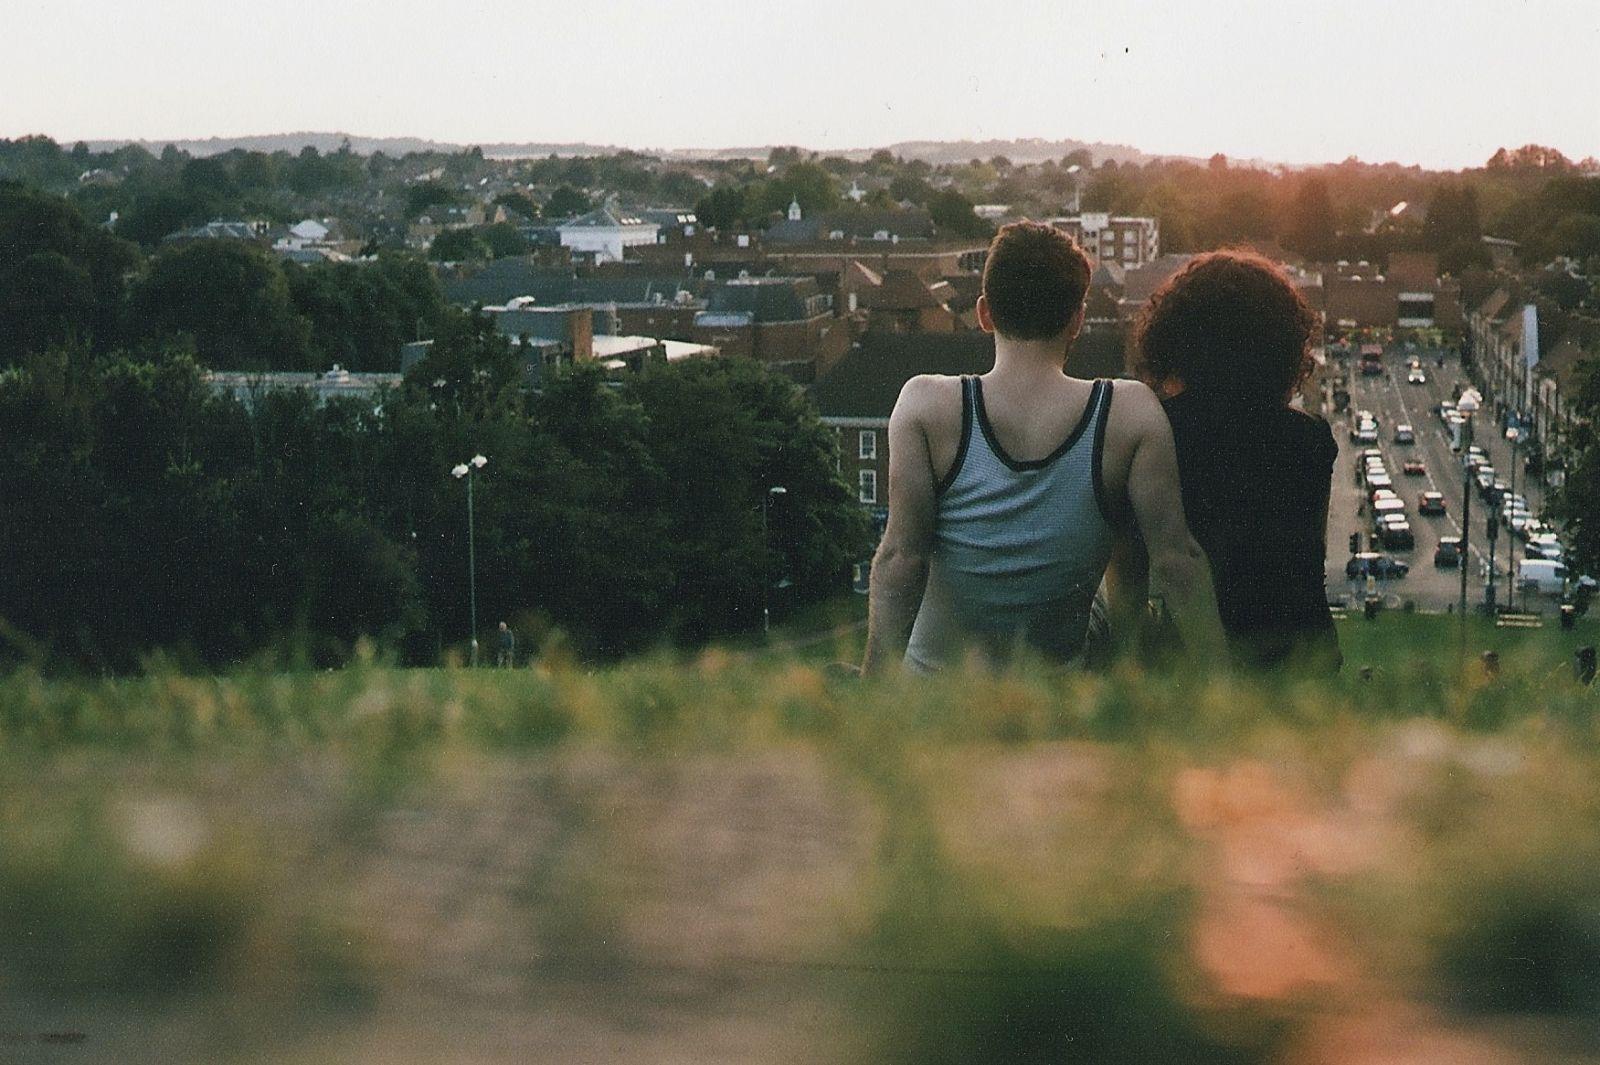 Как правильно расставаться с мужчиной? - фото №3